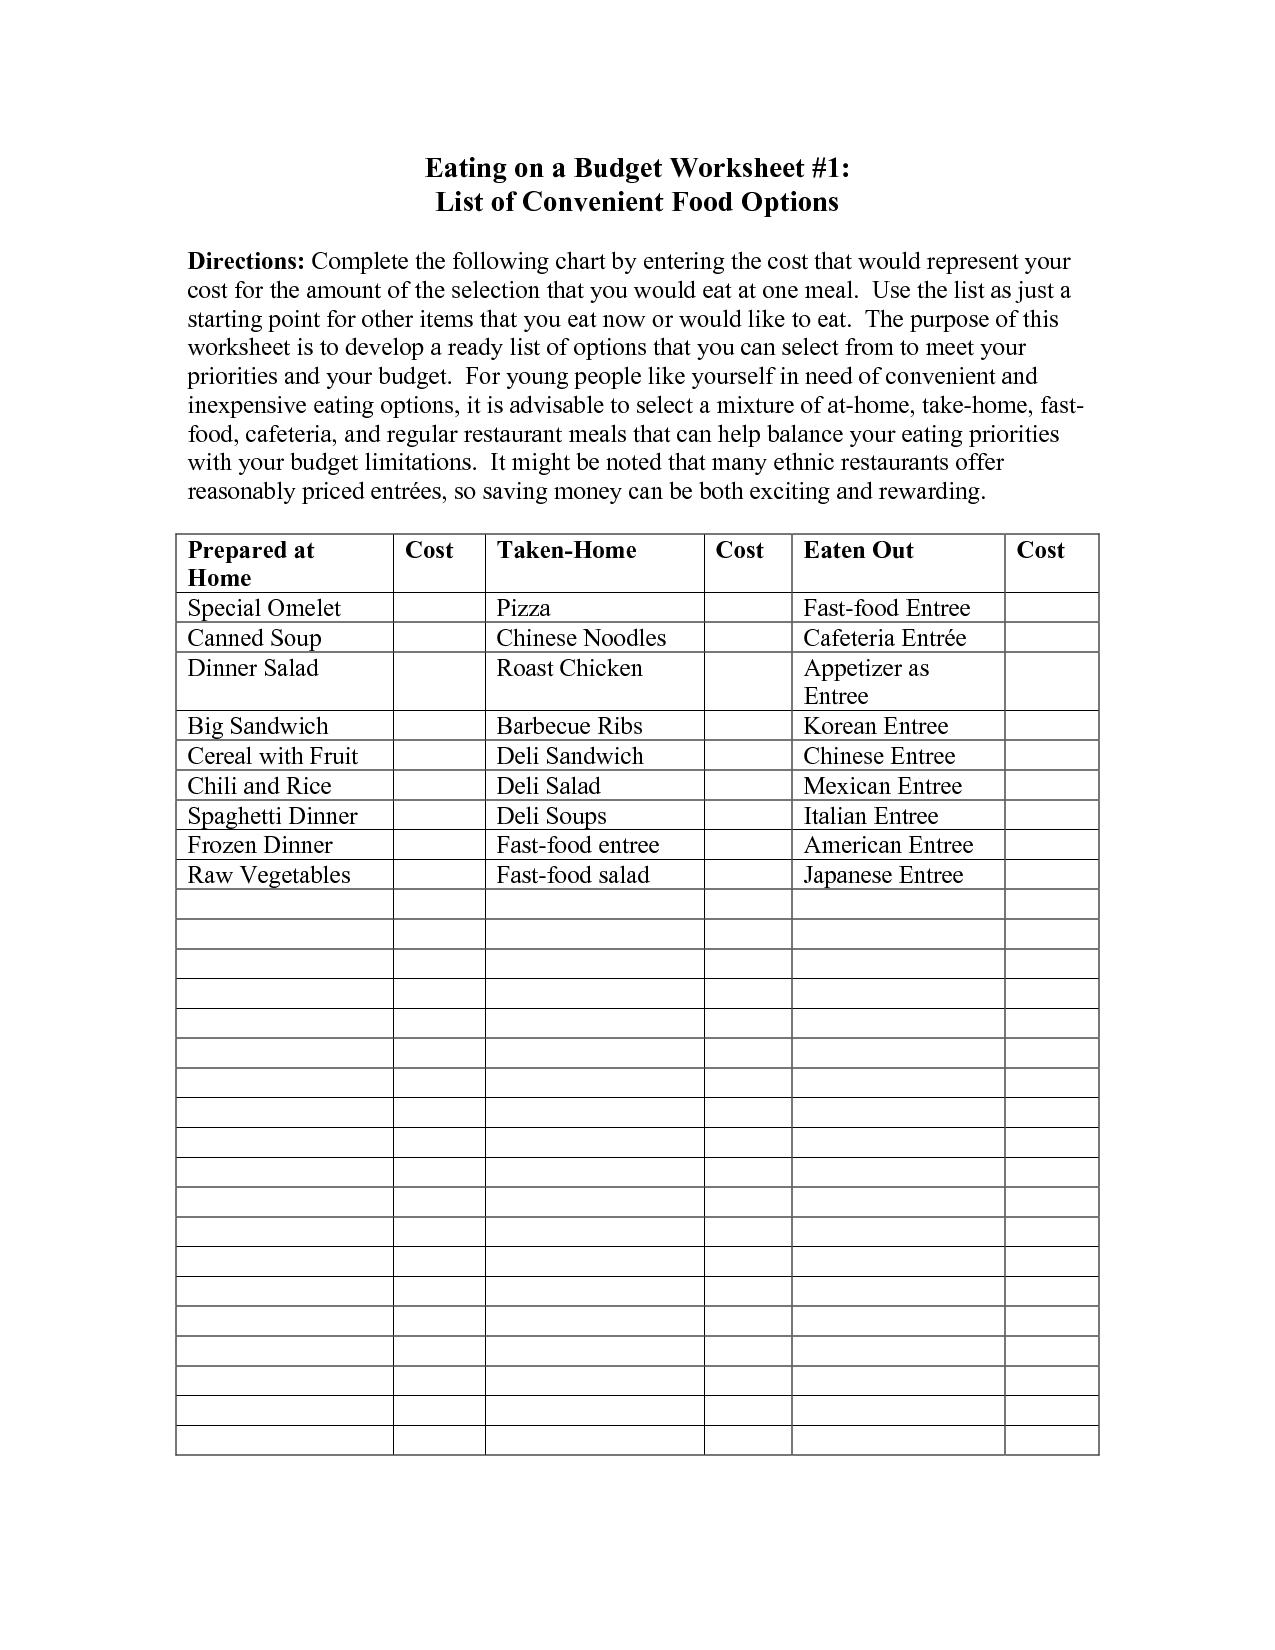 Sample Food Budget Worksheet Discover budget eating options ...